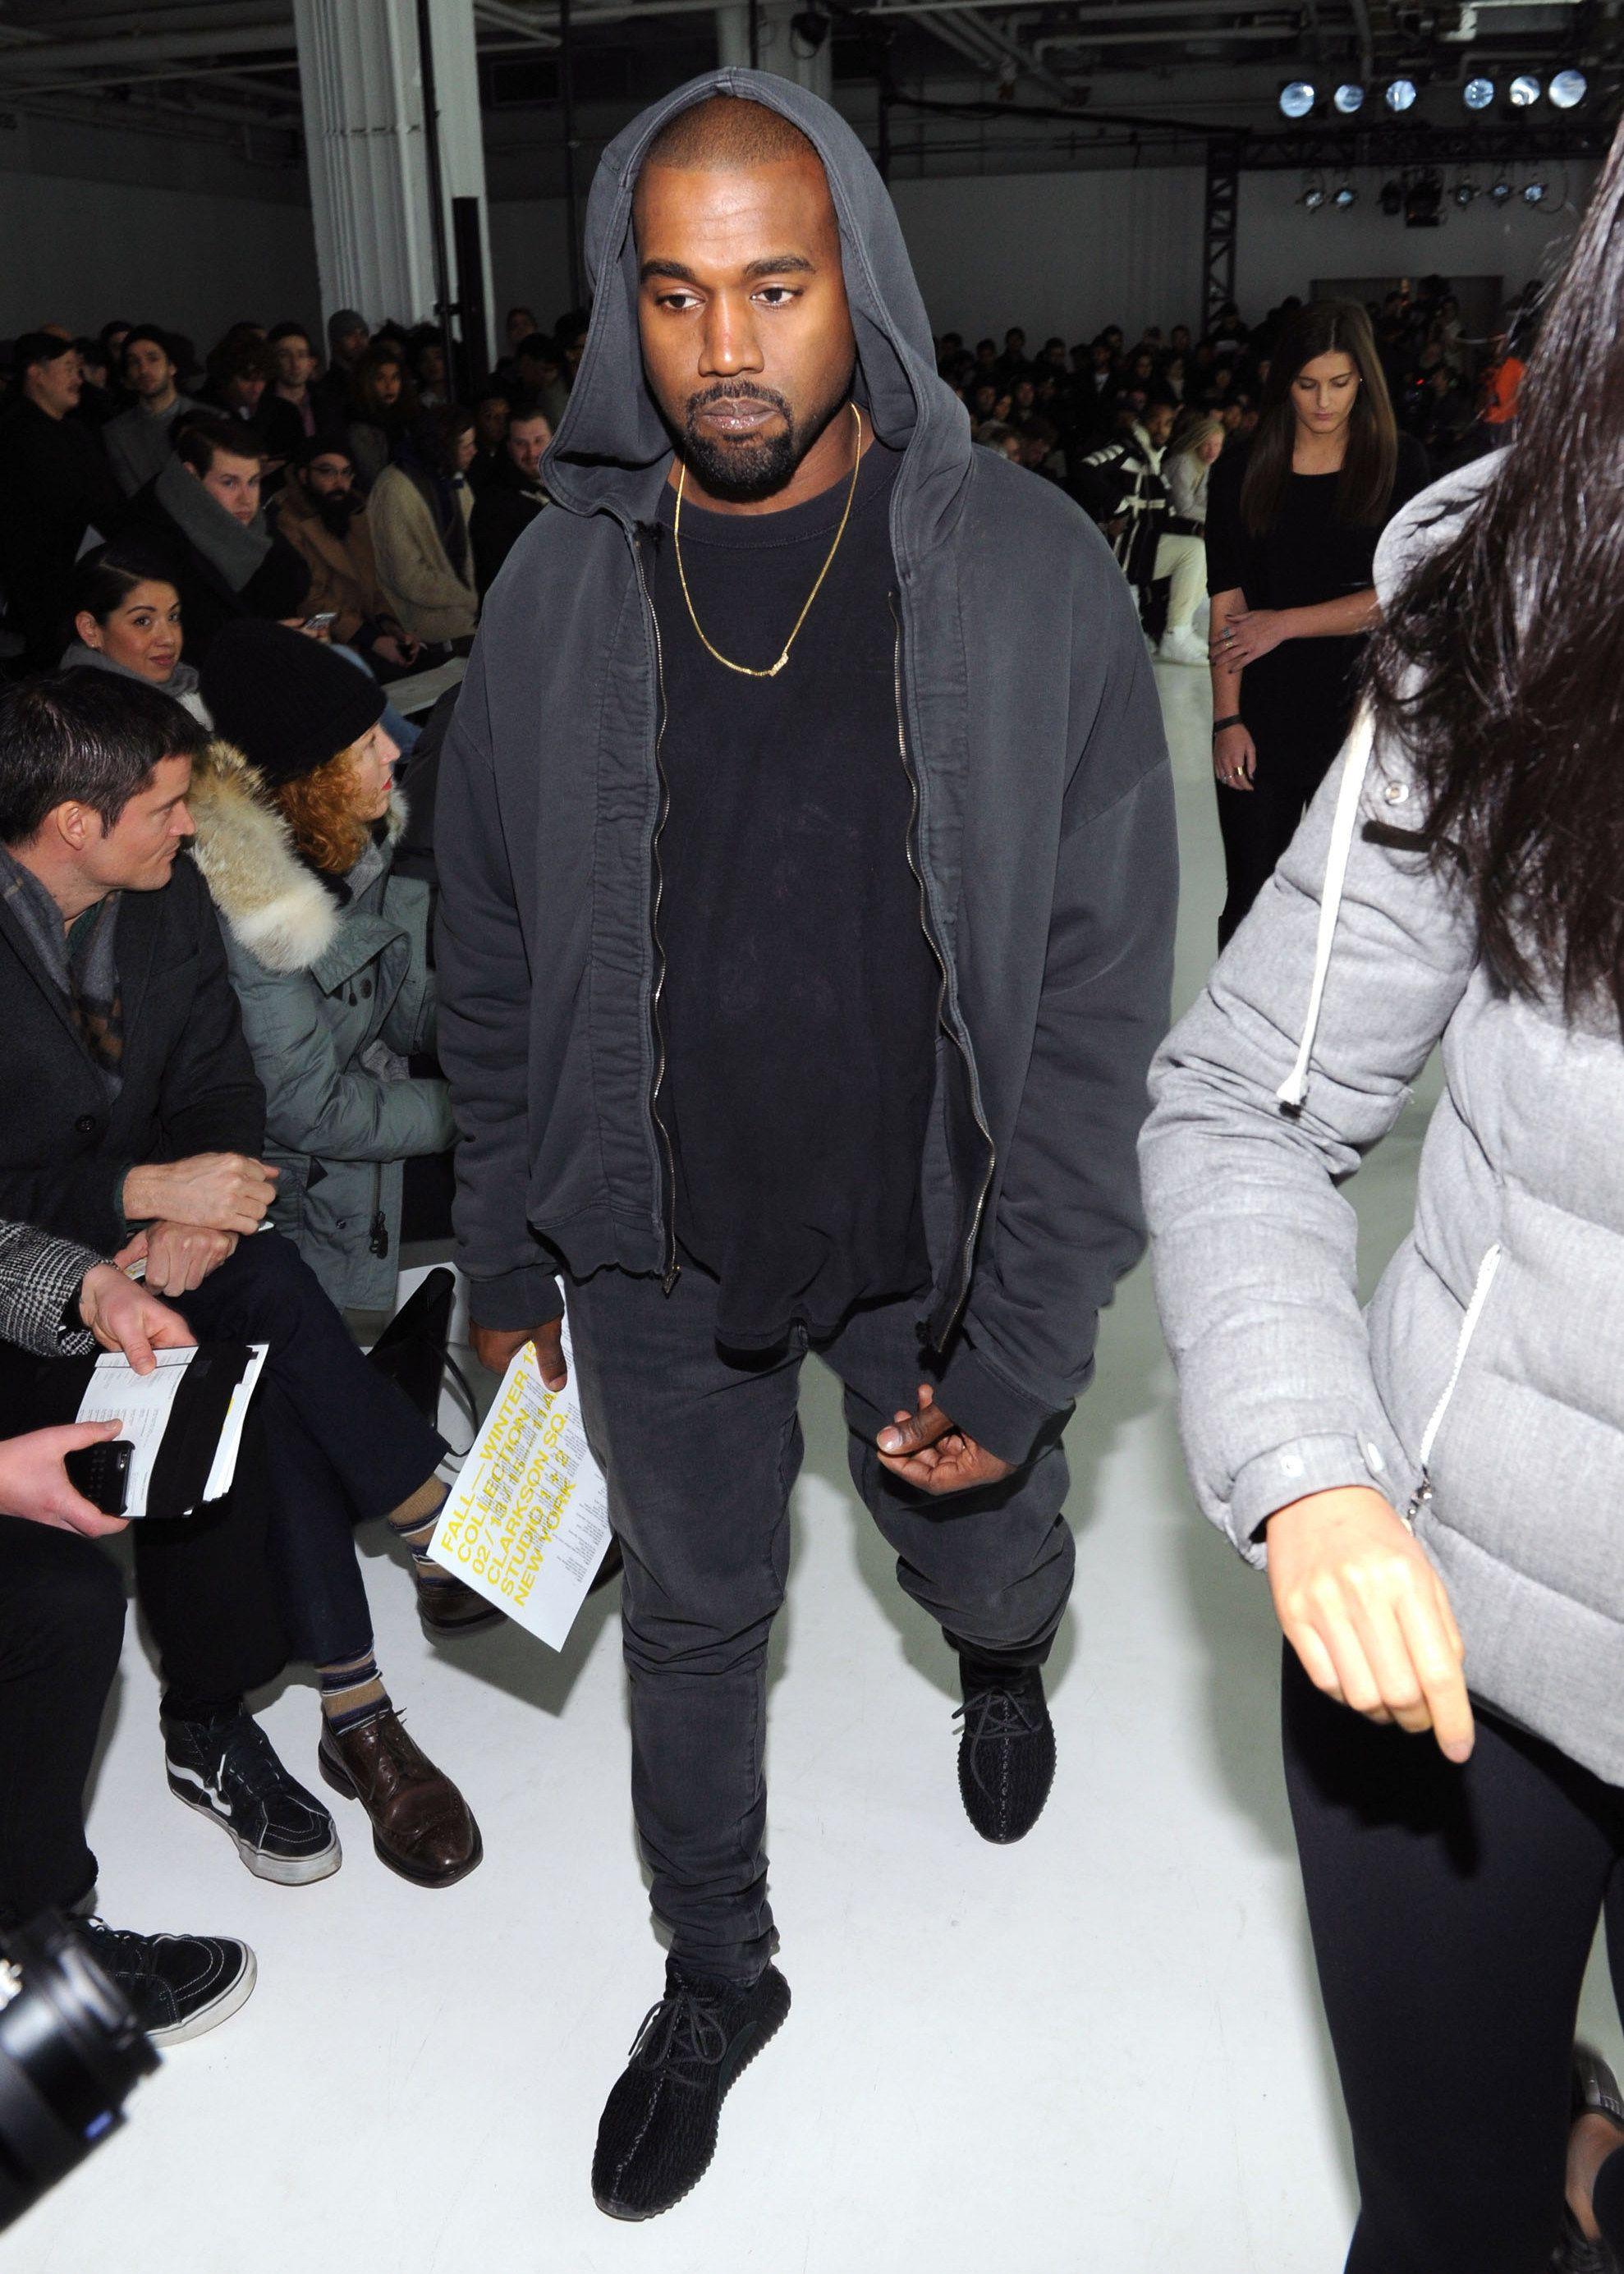 Pin By Milos Jovanovic On Yeezy Kanye West Style Yeezy Fashion Kanye West